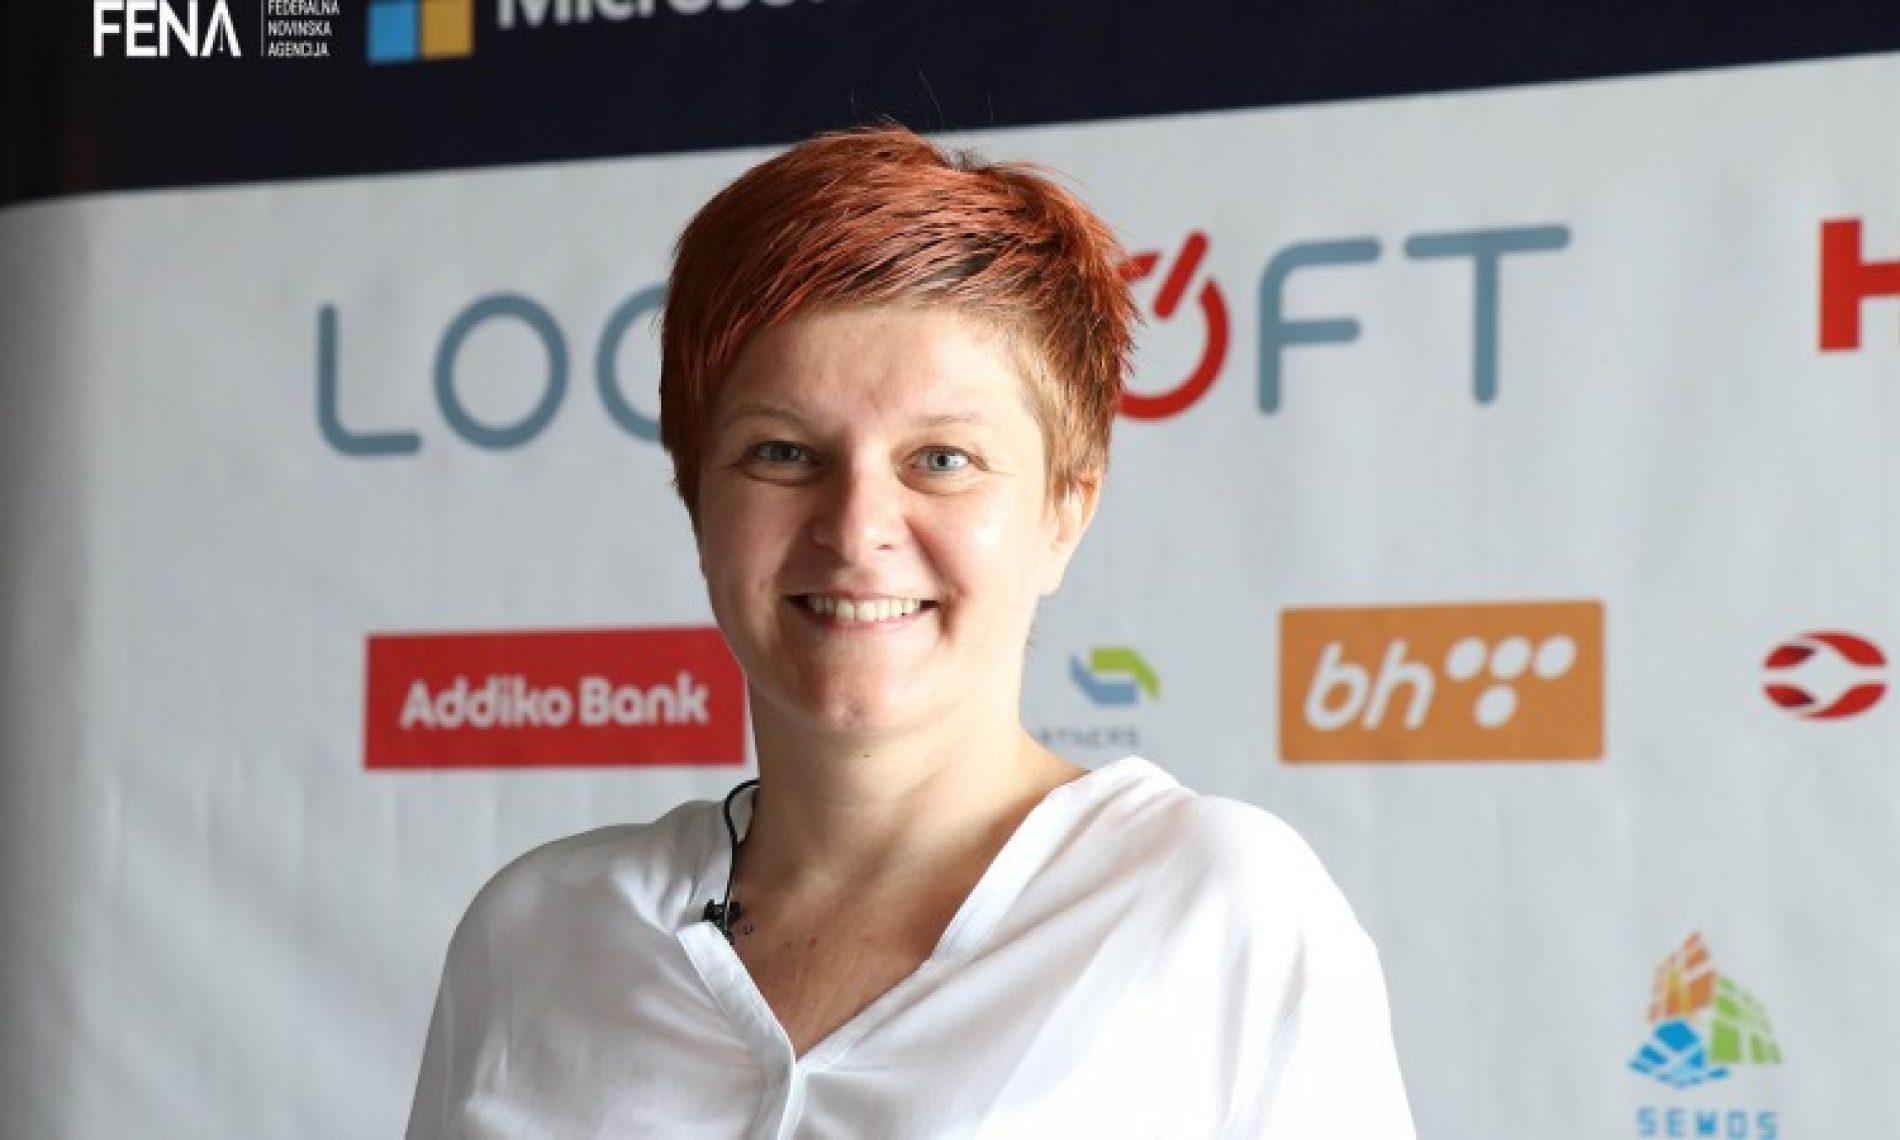 IT stručnjaci iz Bosne i Hercegovine su na cijeni (VIDEO)